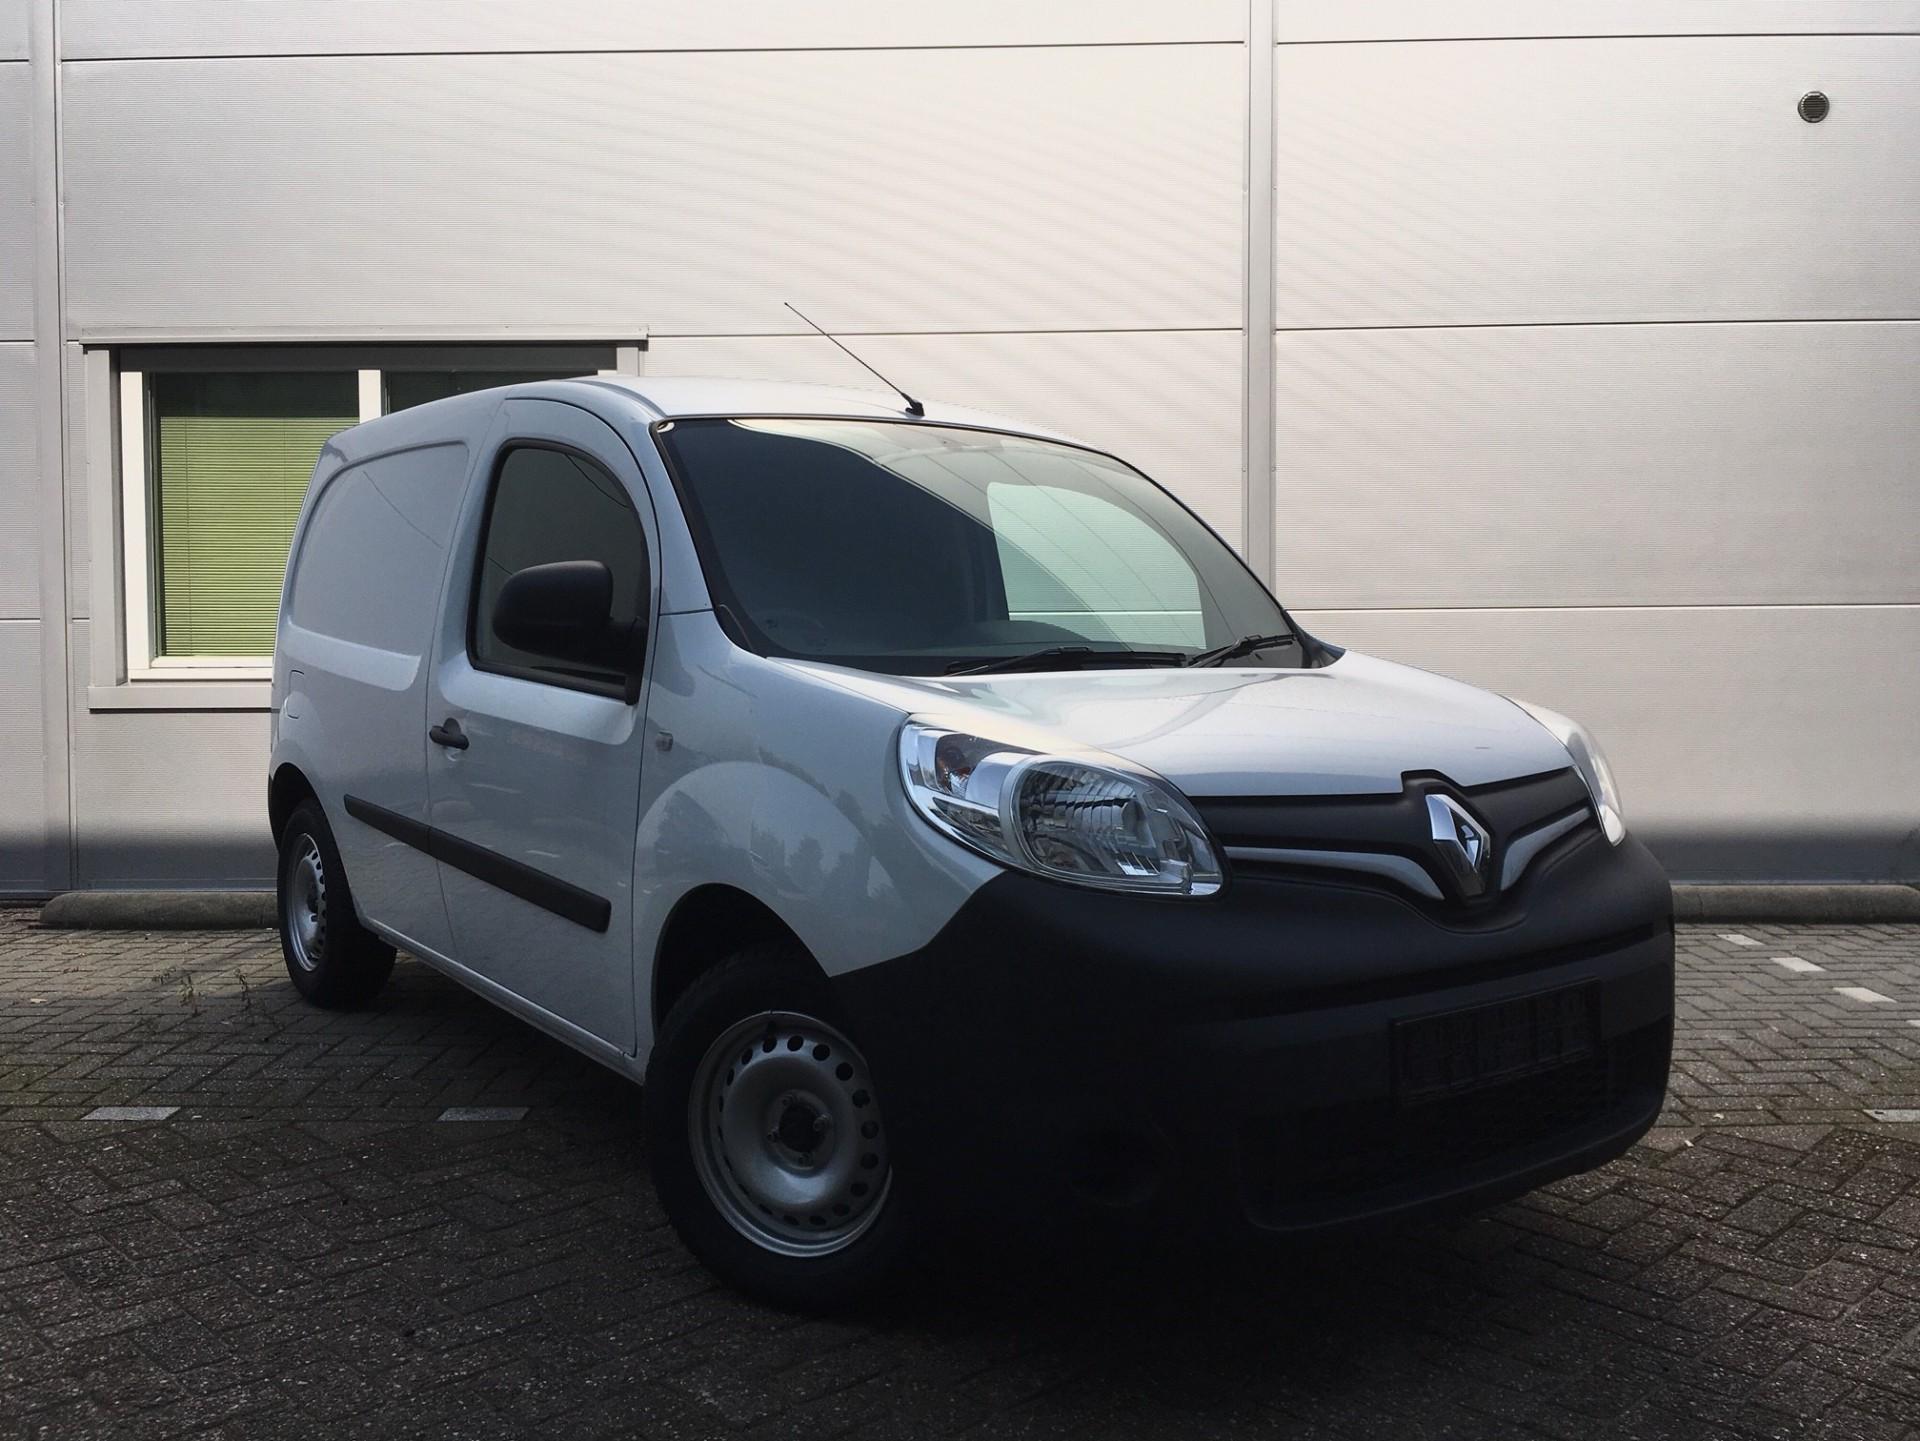 Renault Kangoo voorkant naar rechts